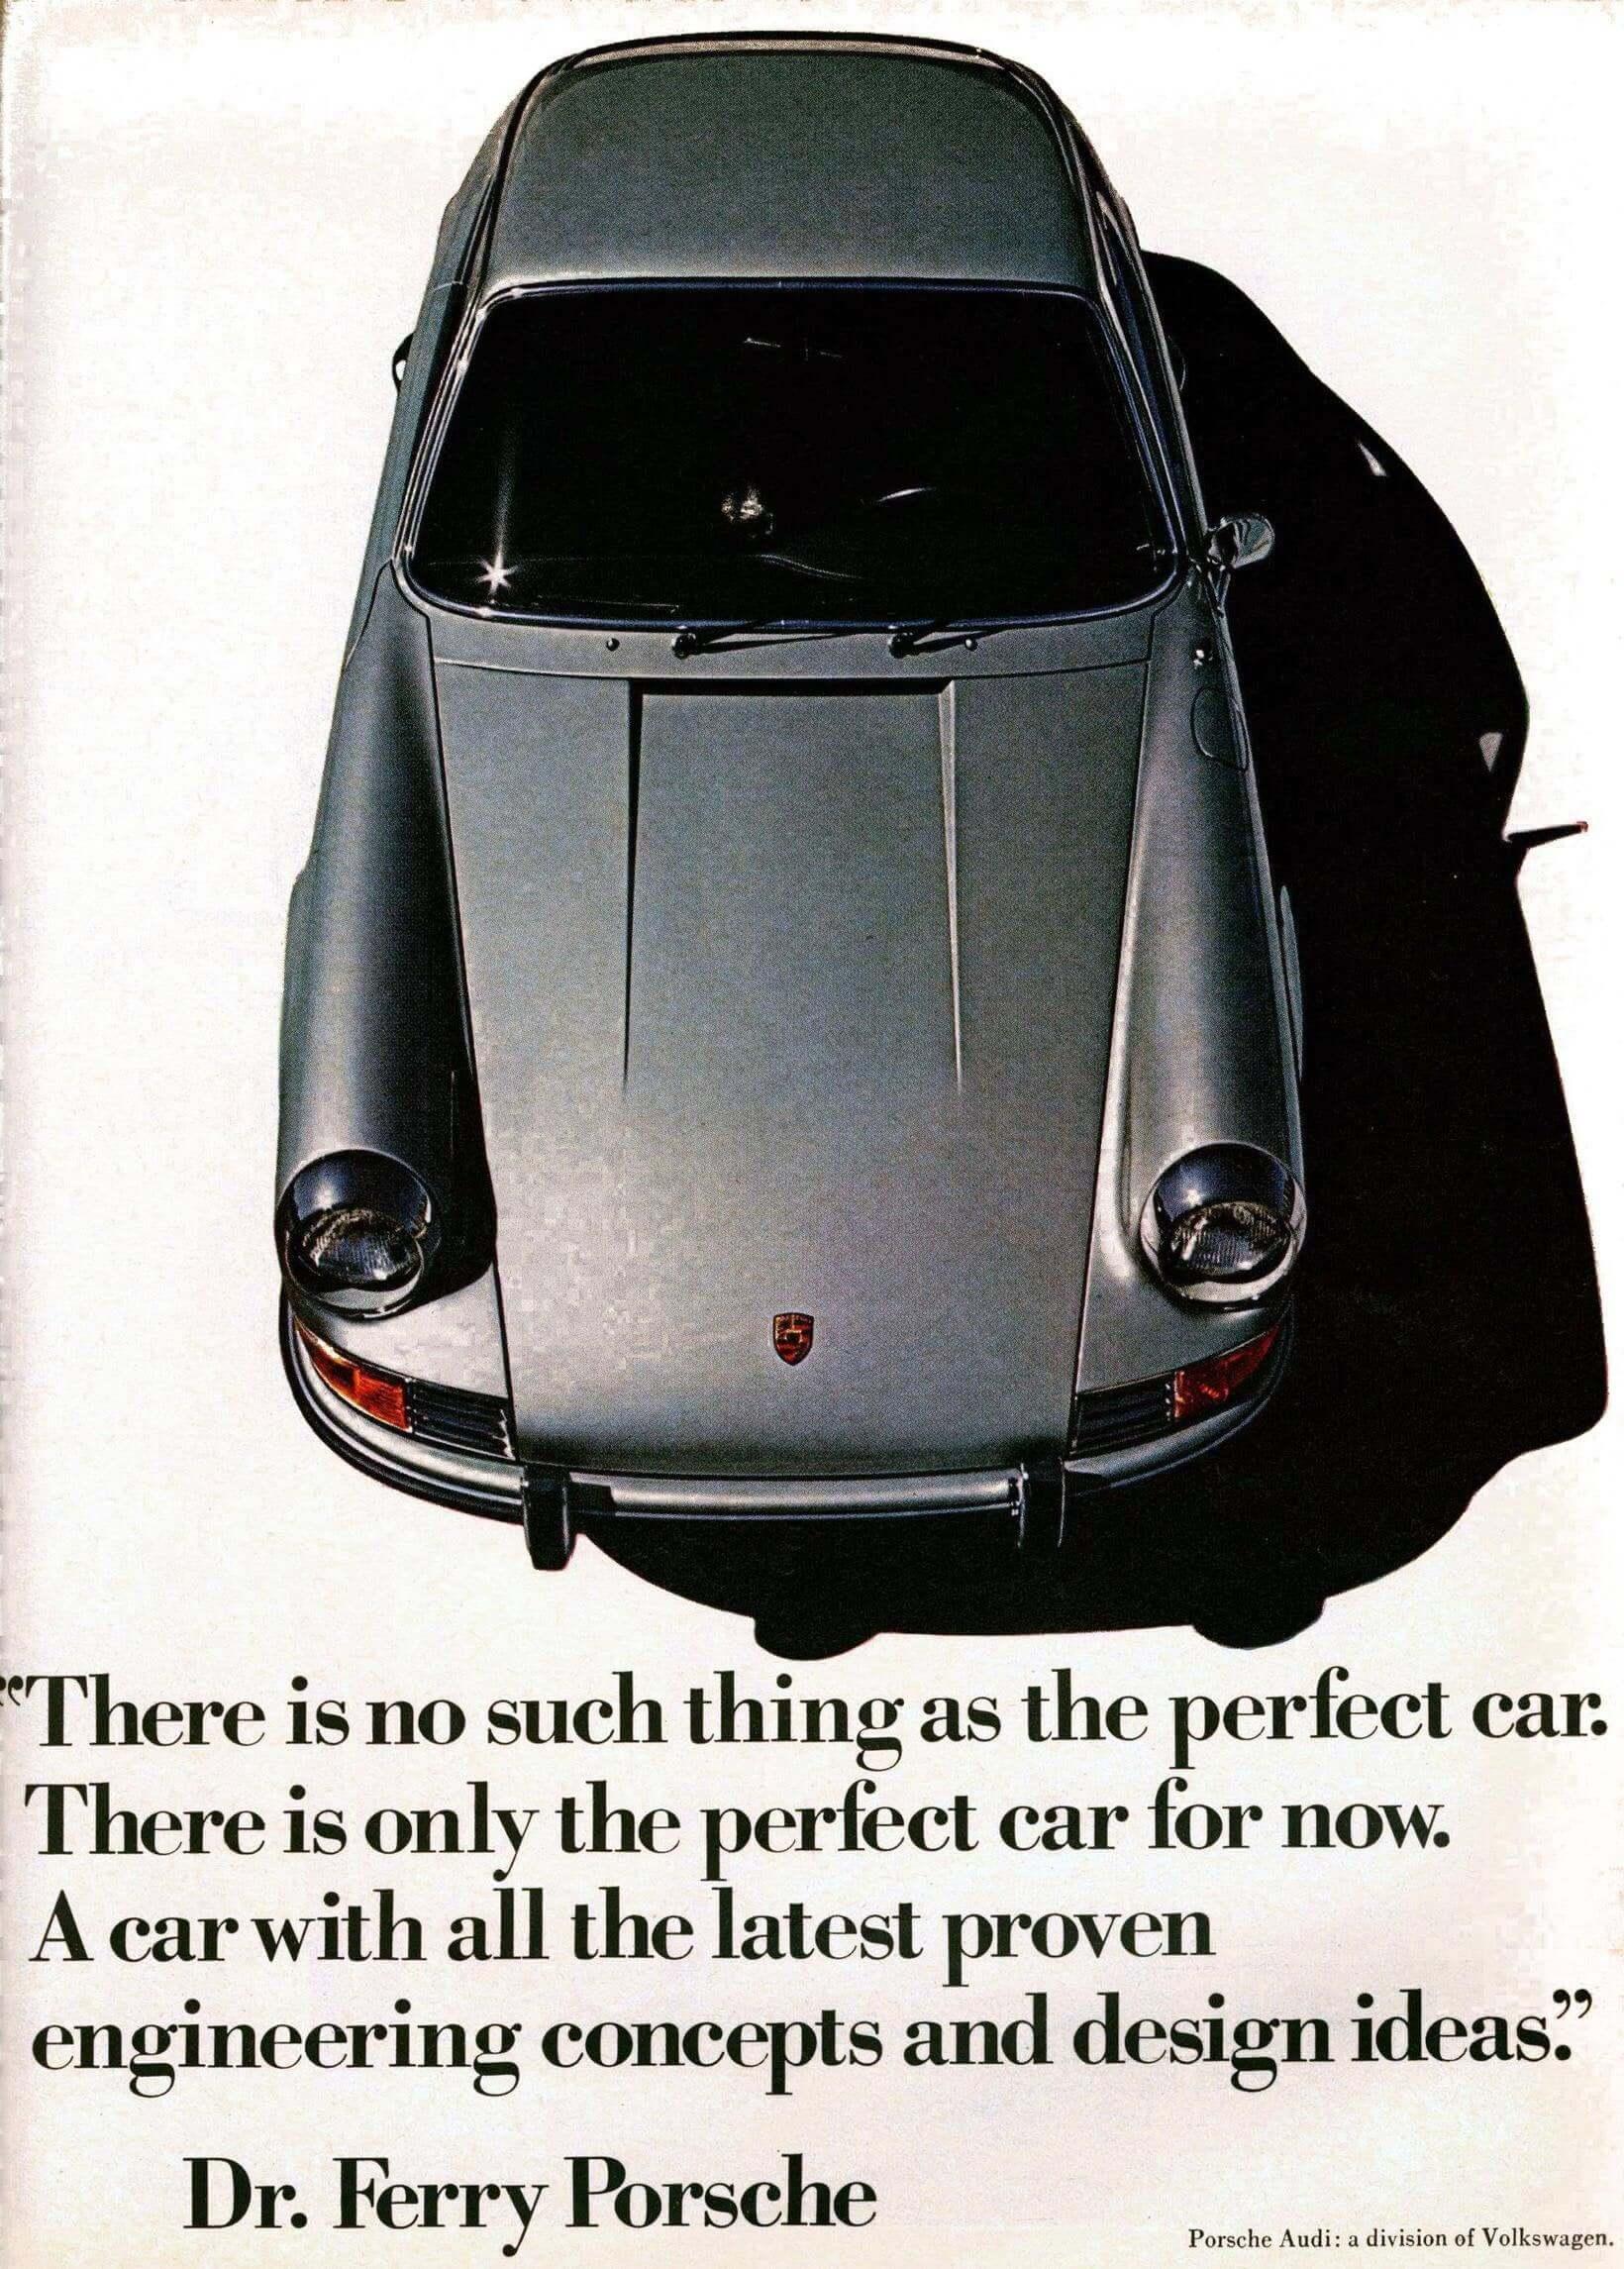 Ferry Porsche's Perfect Vintage Automotive Ad